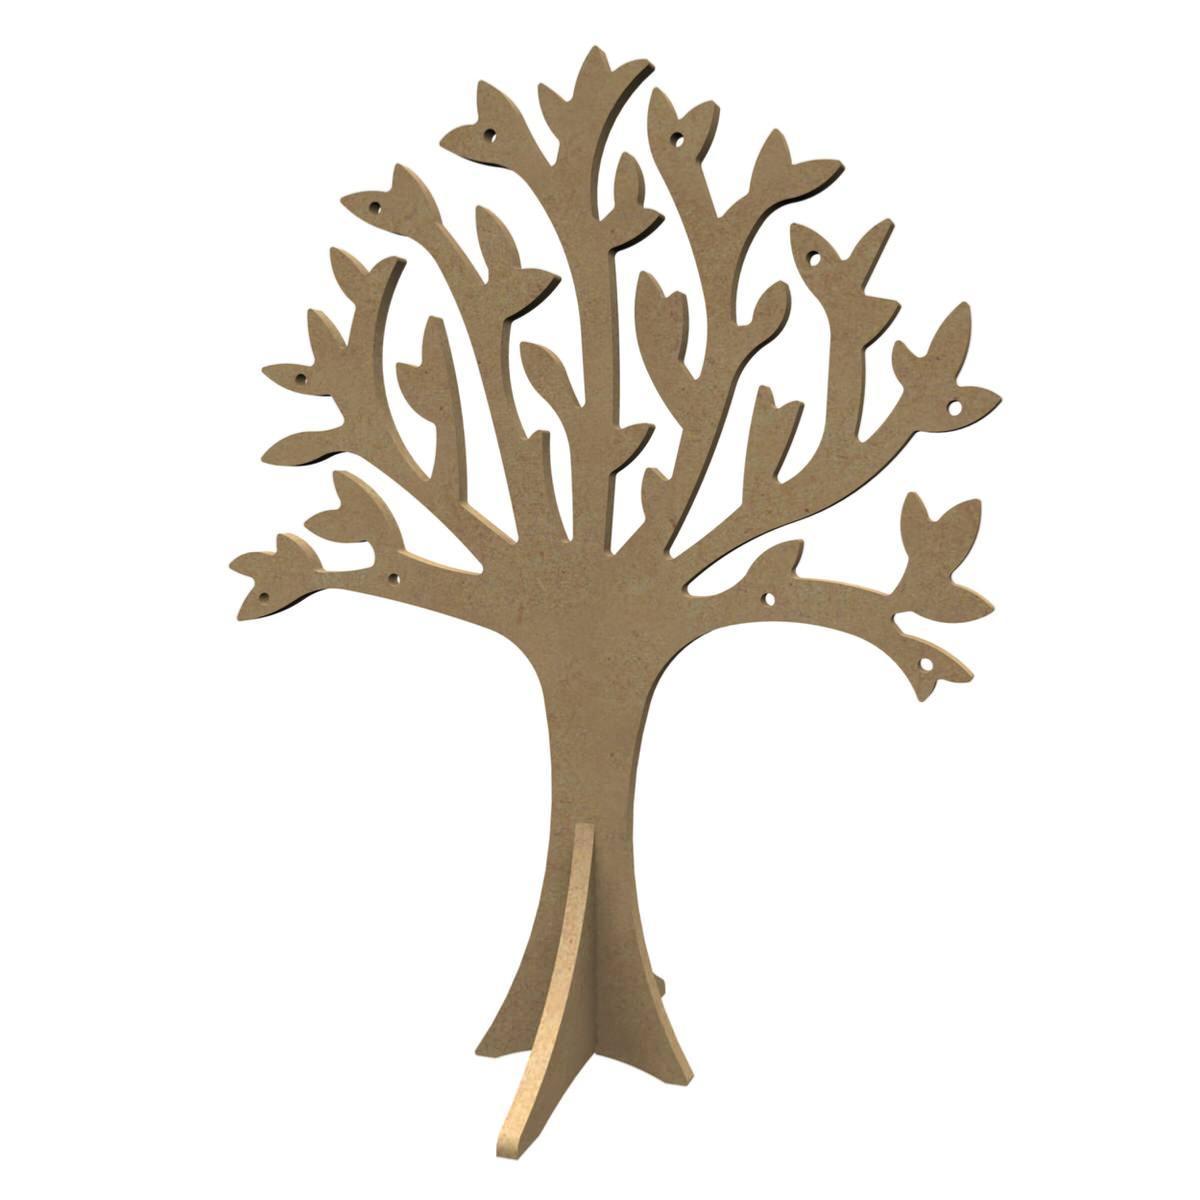 arbre 30 cm en bois mdf support mosa que deco fruitier pour mosaique de verre chez made in mosaic. Black Bedroom Furniture Sets. Home Design Ideas